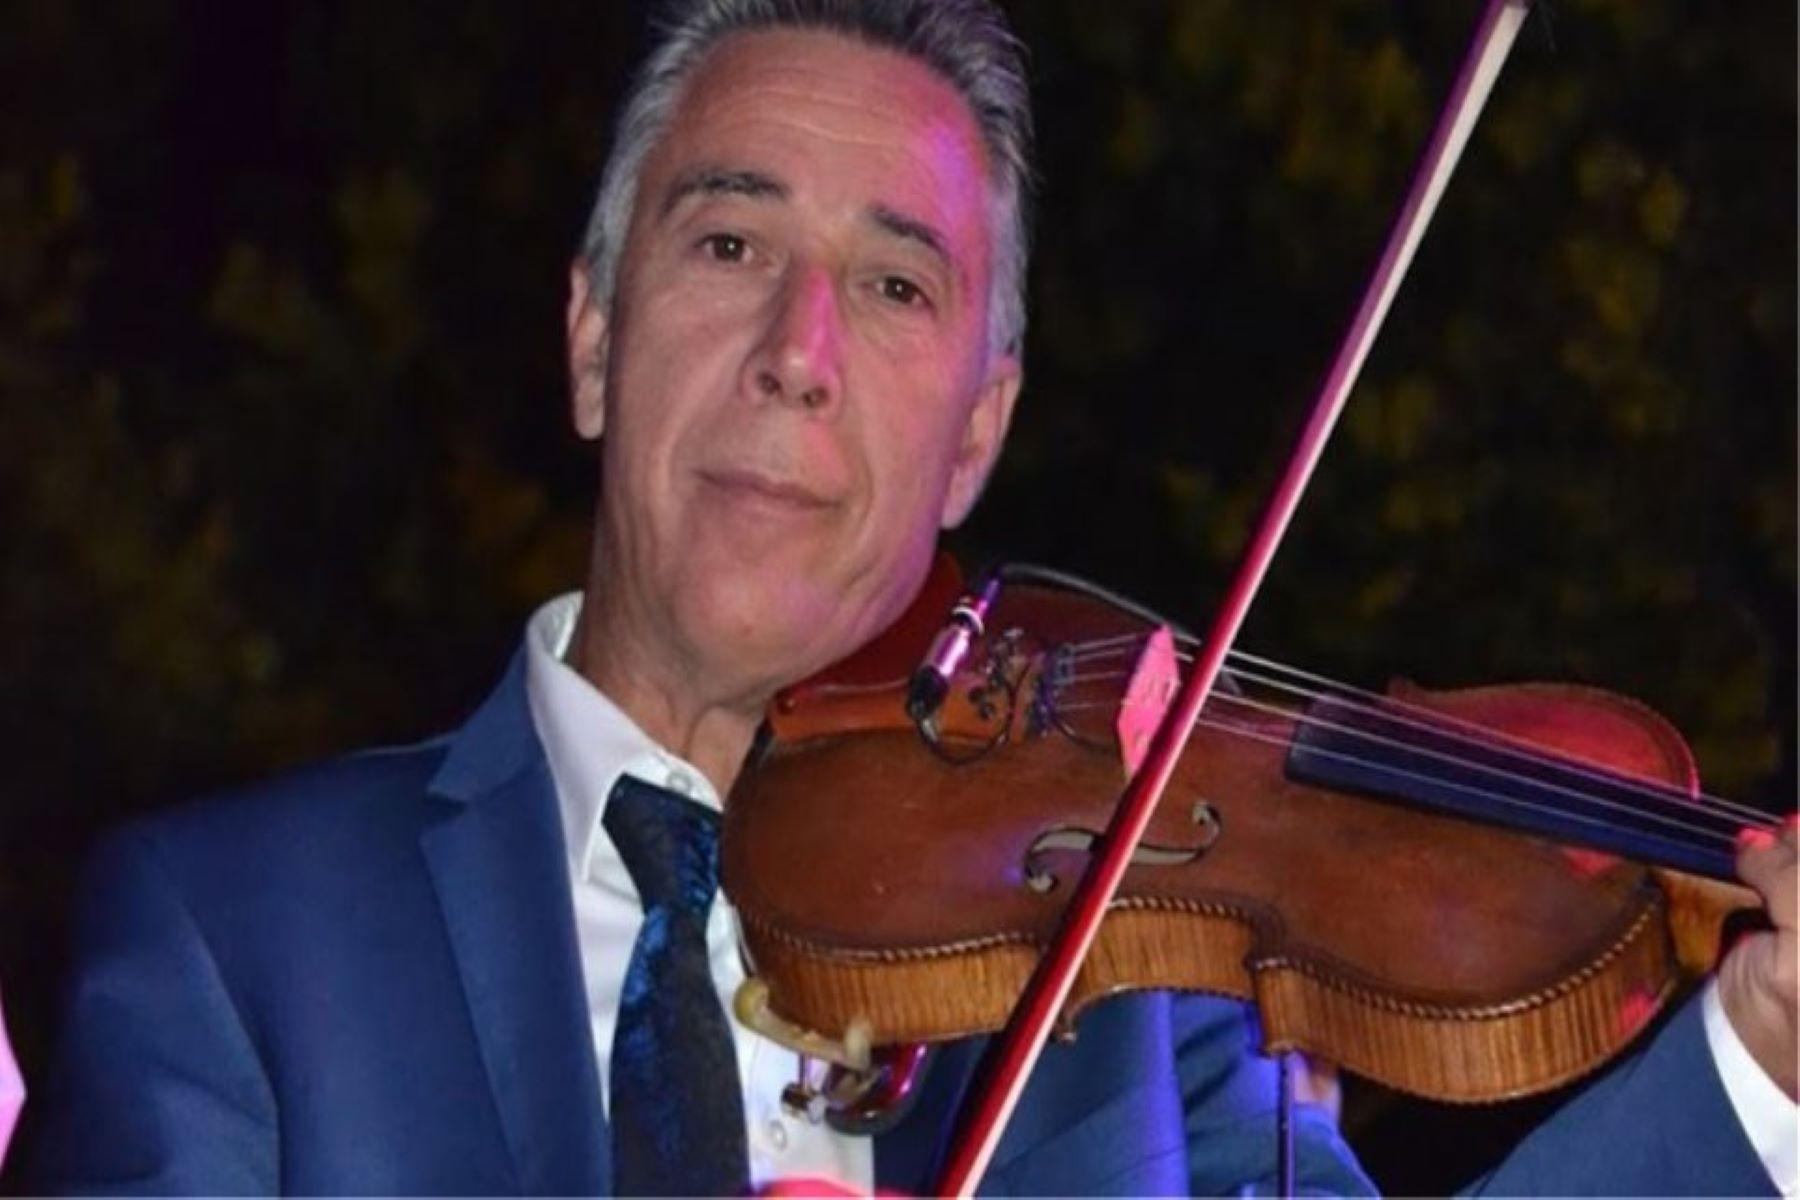 Ζήσης Κασιάρας κορωνοϊός: Ο διάσημος βιολιστής πέθανε από τον ιό